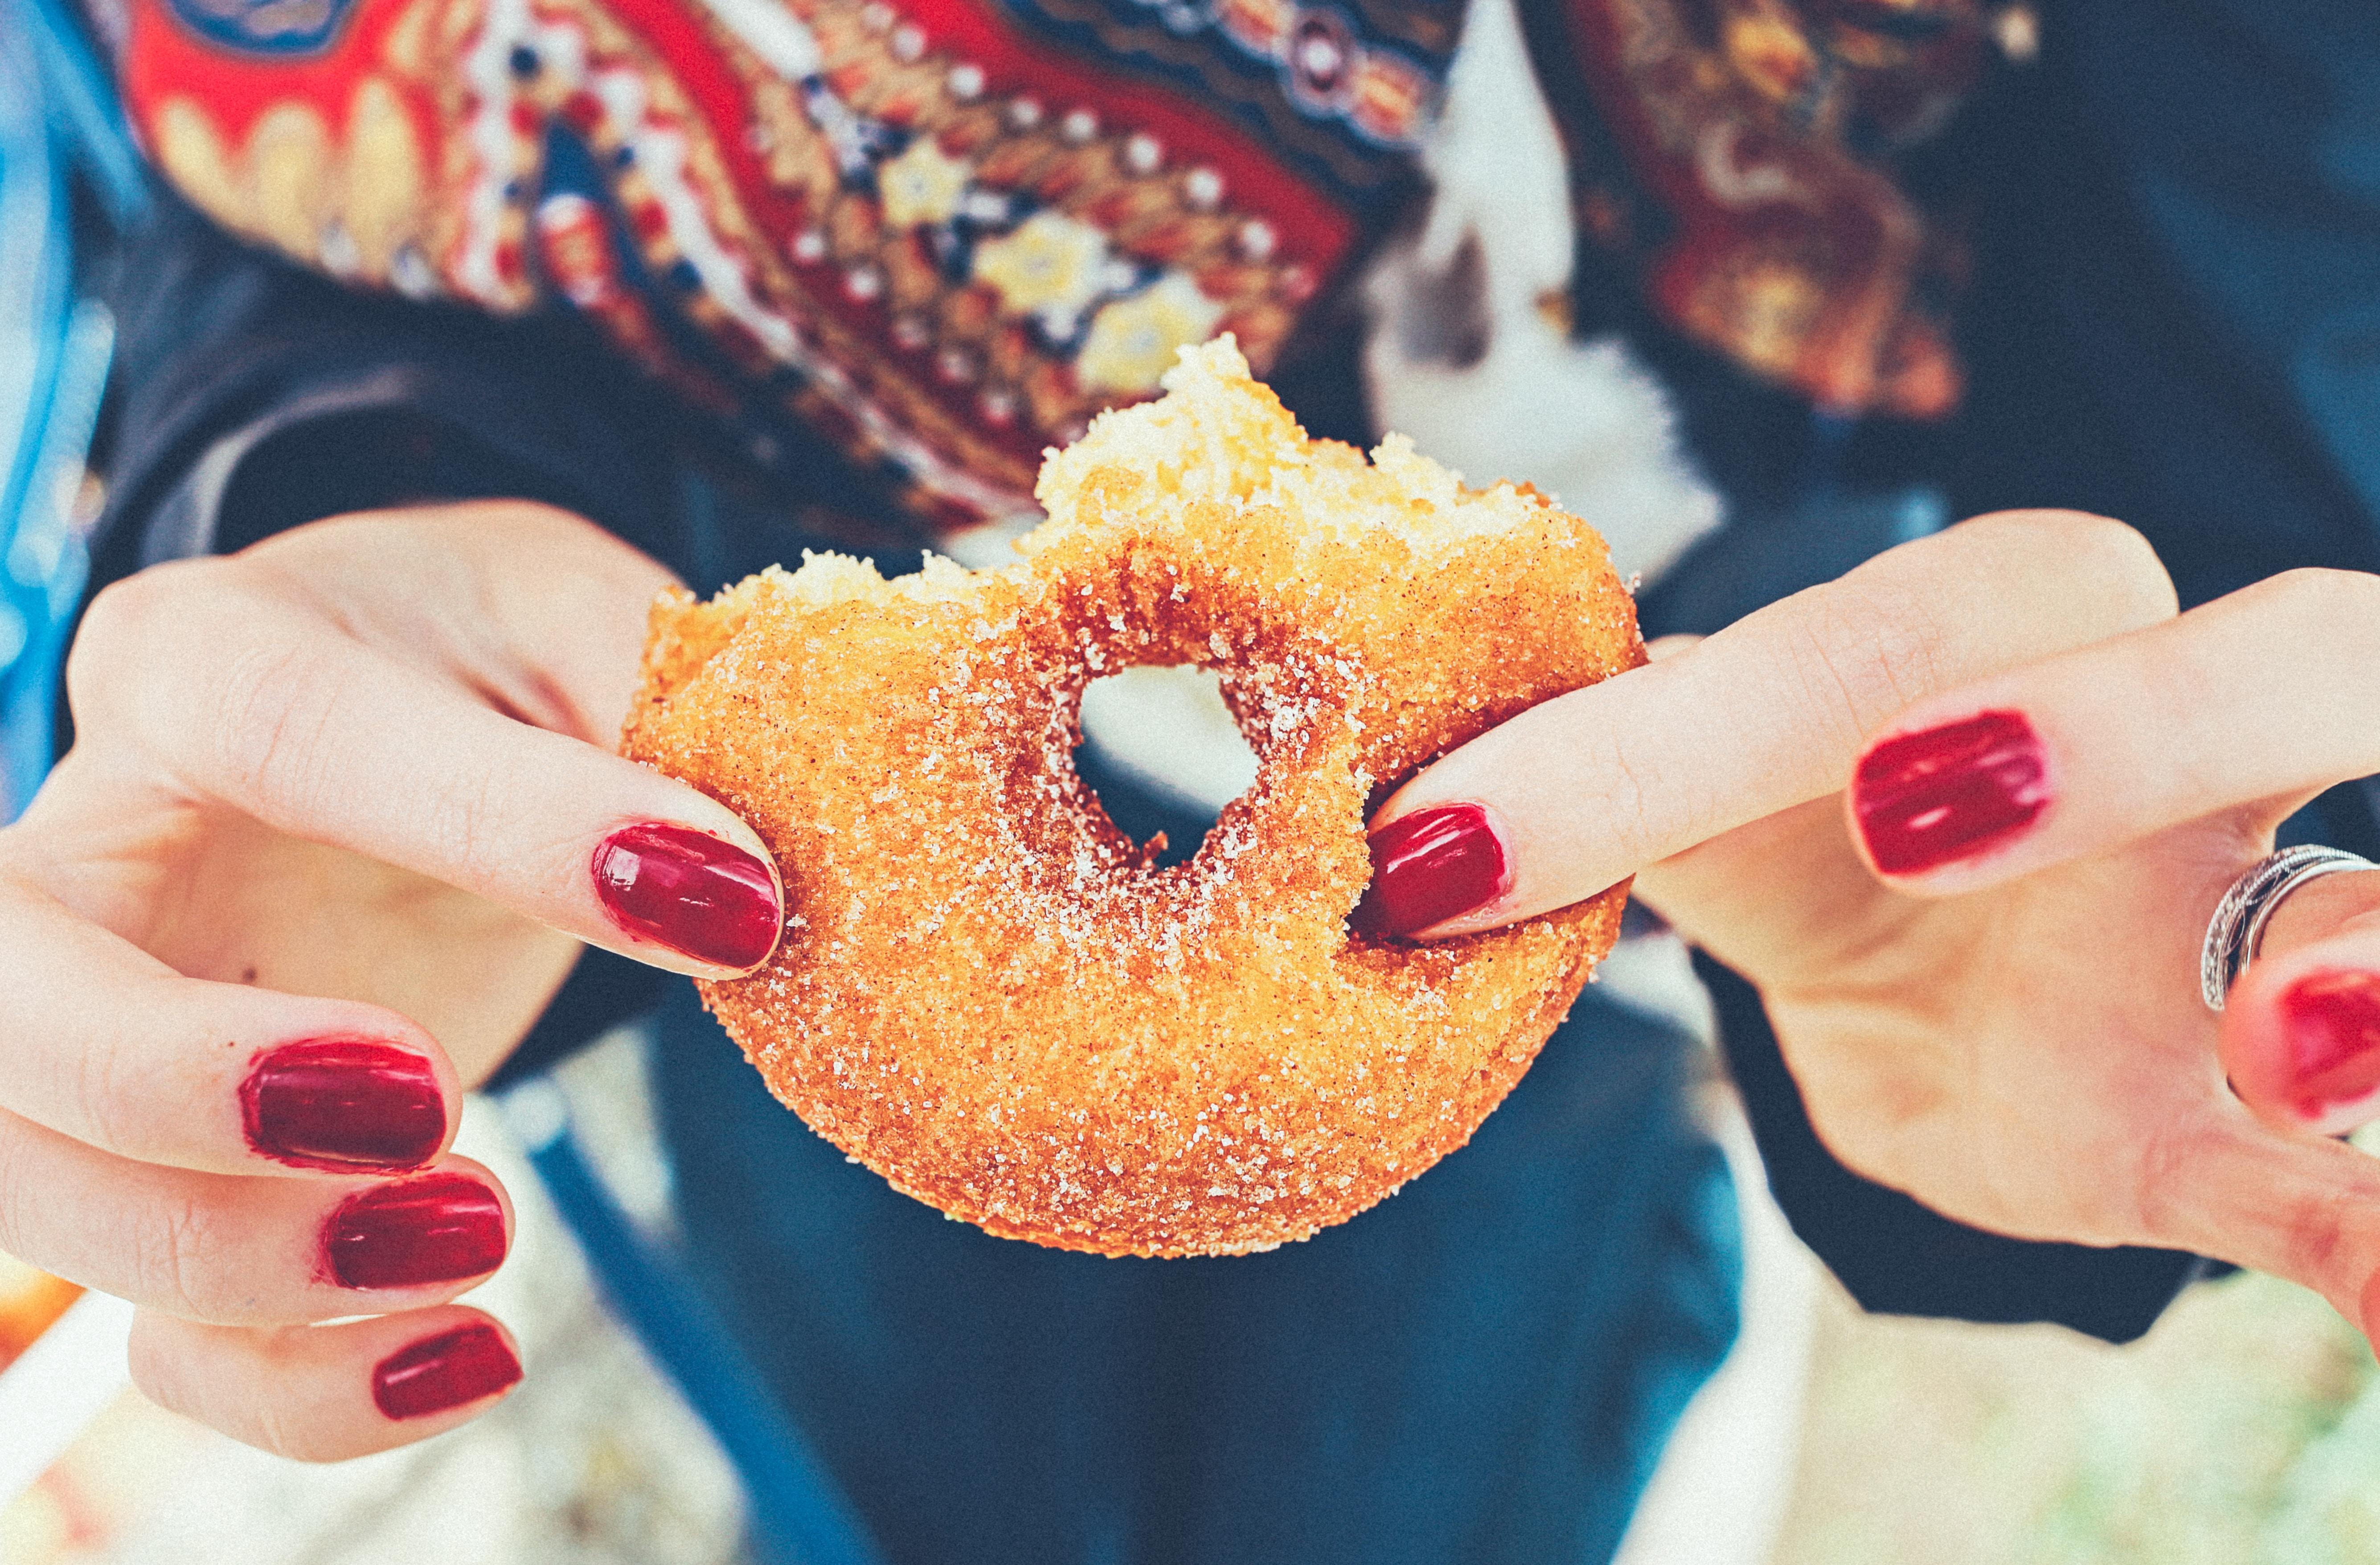 Pourquoi se passer du sucre dans notre alimentation ? 5